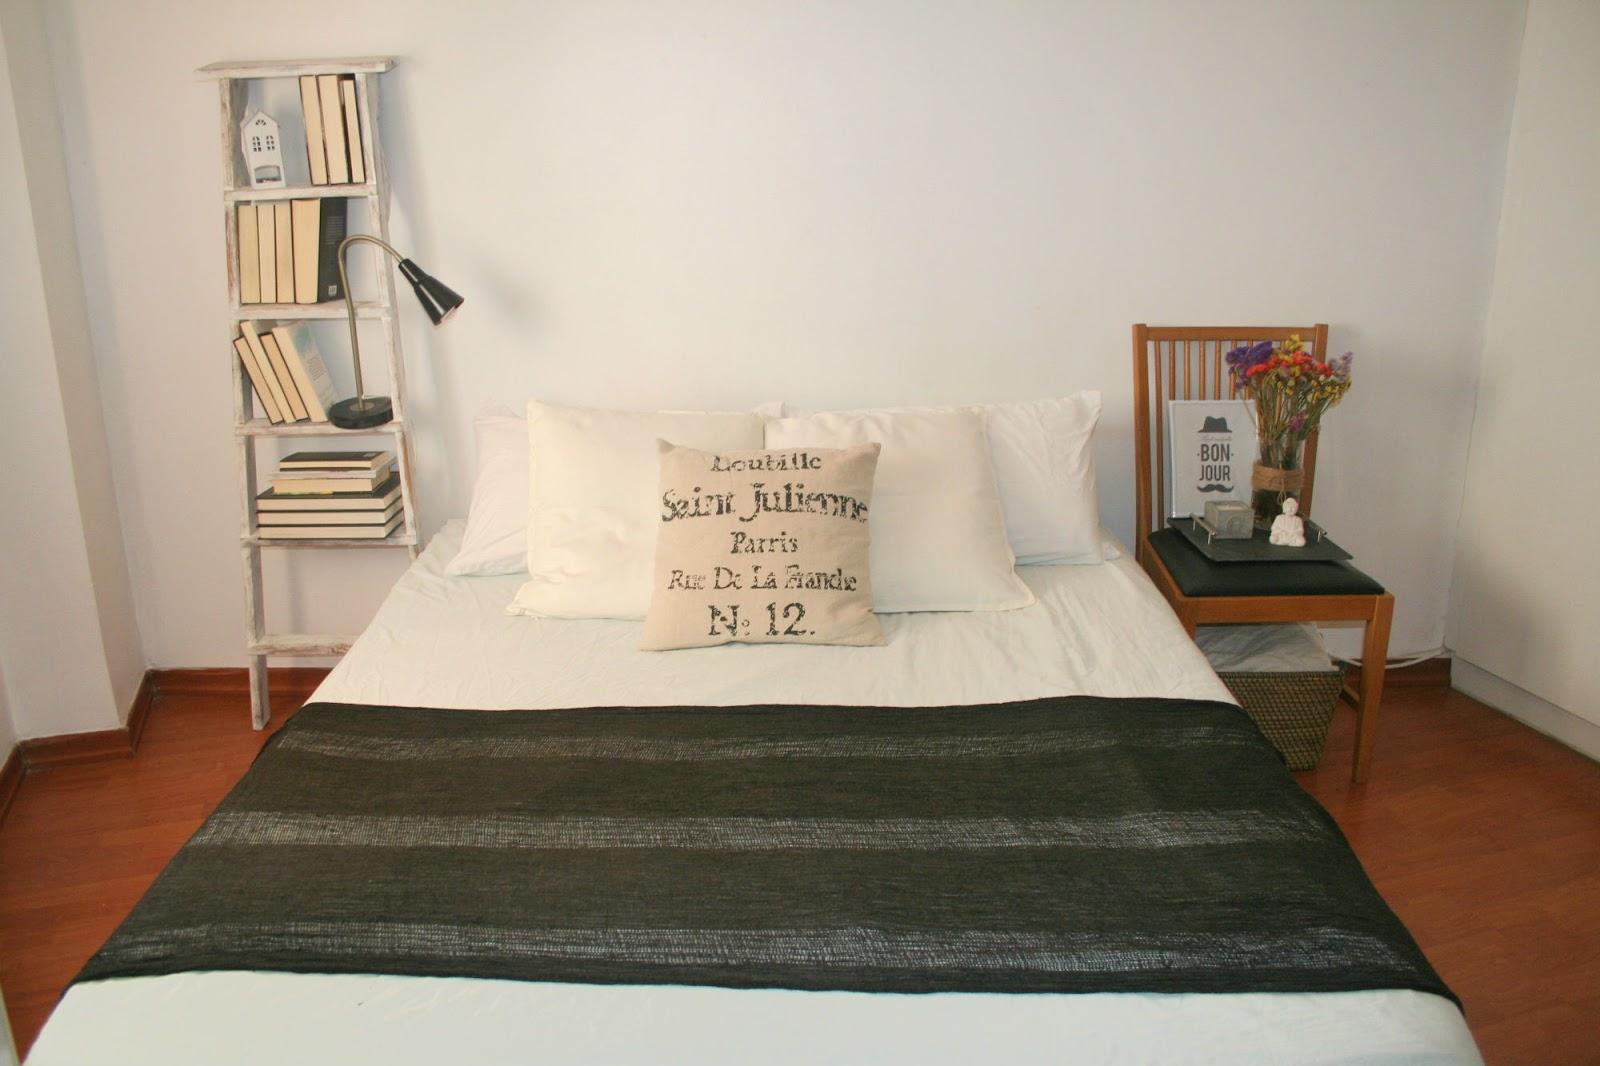 rocco en mi sofa decorar un dormitorio low cost diferente